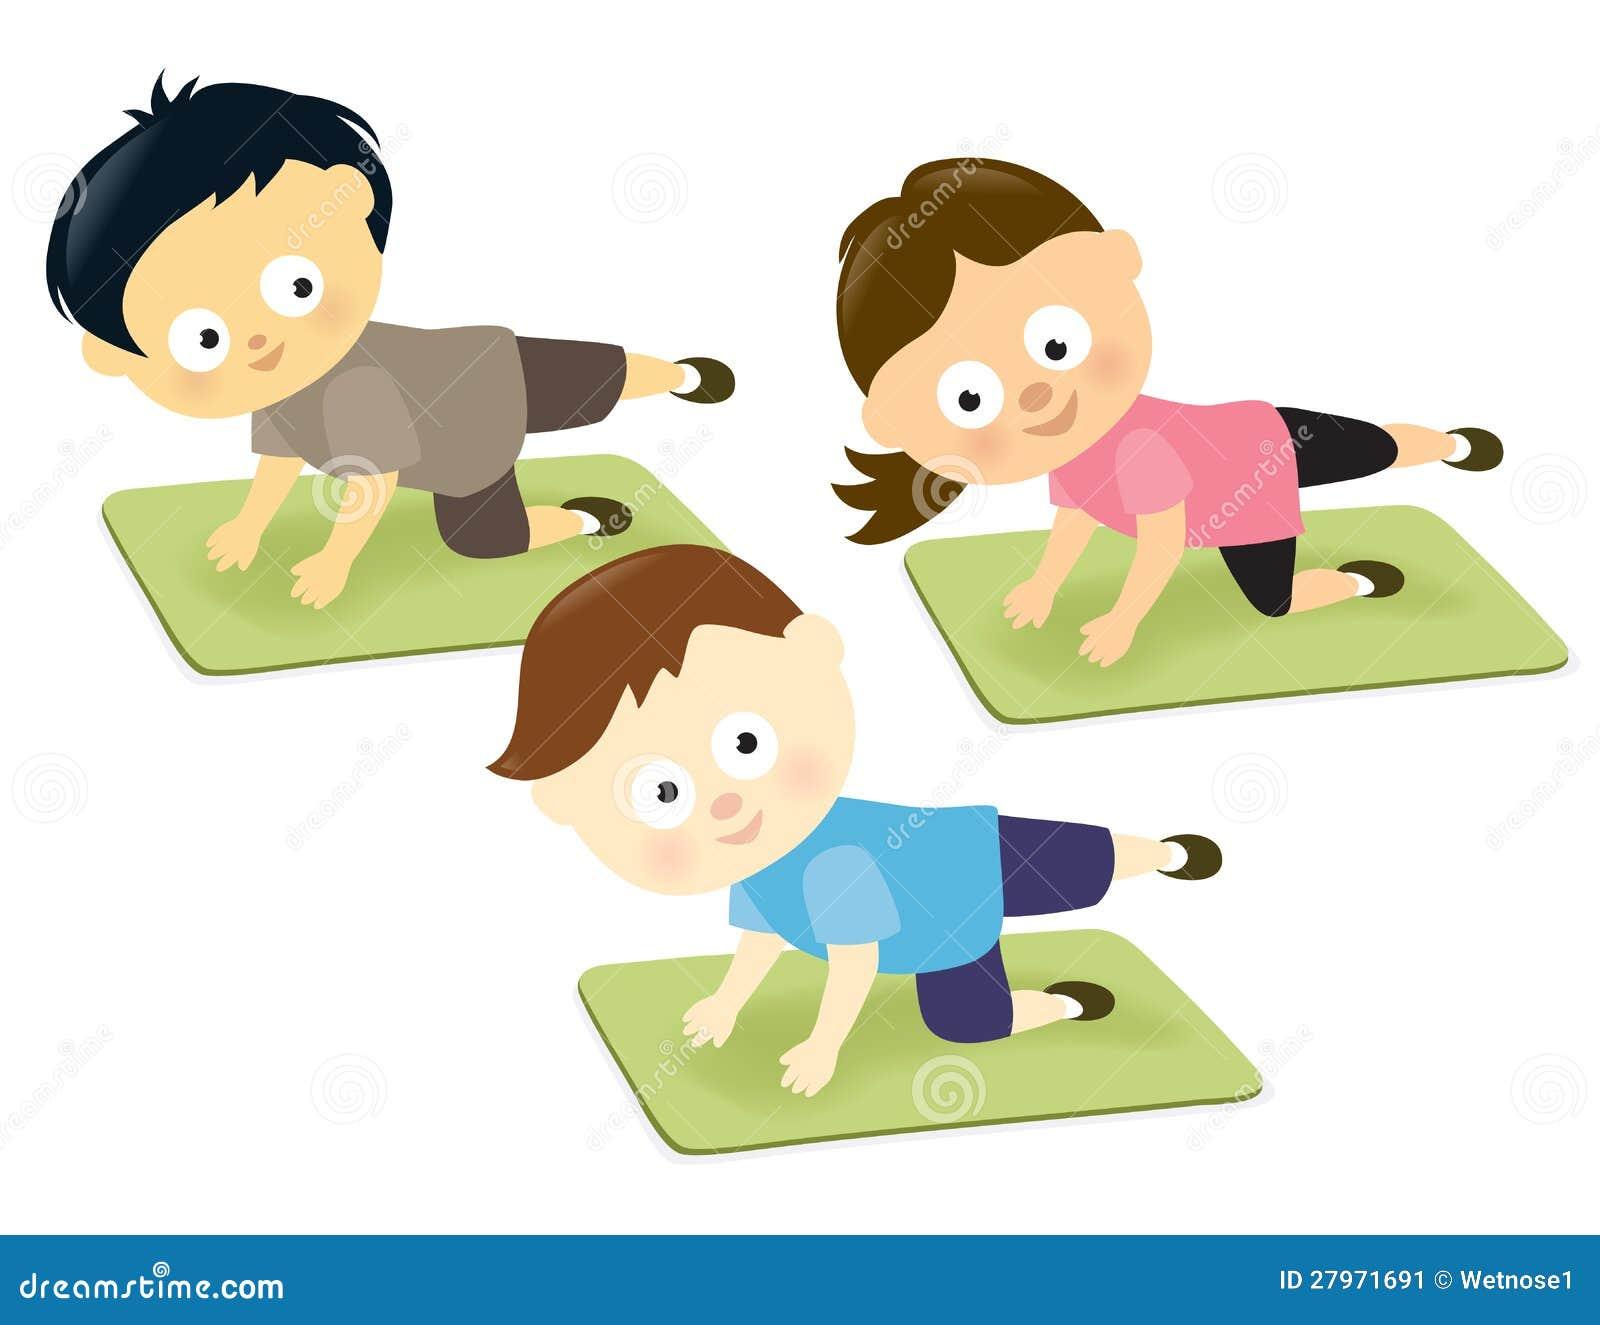 Kids On Mats Stock Vector. Illustration Of Girl, Children